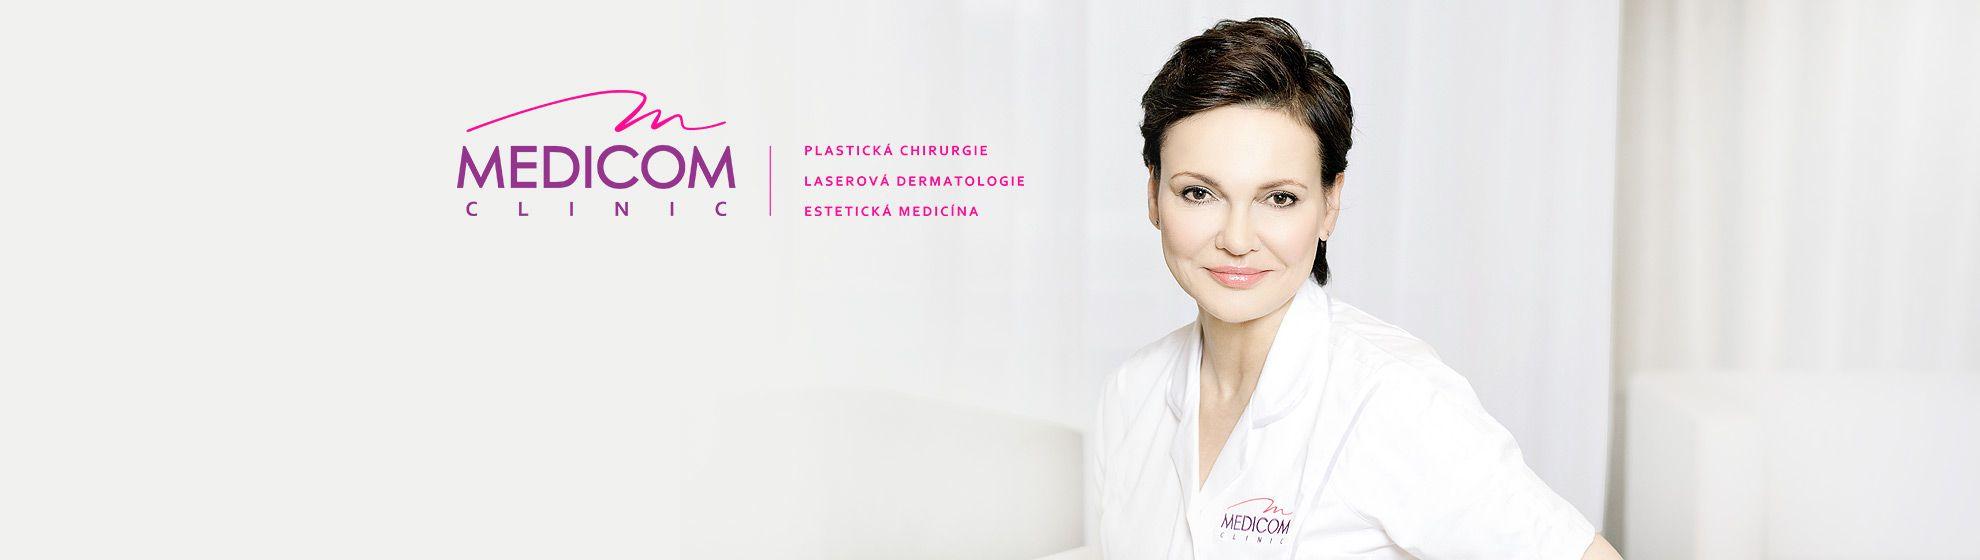 MUDr. Iva Obstová - MEDICOM Clinic